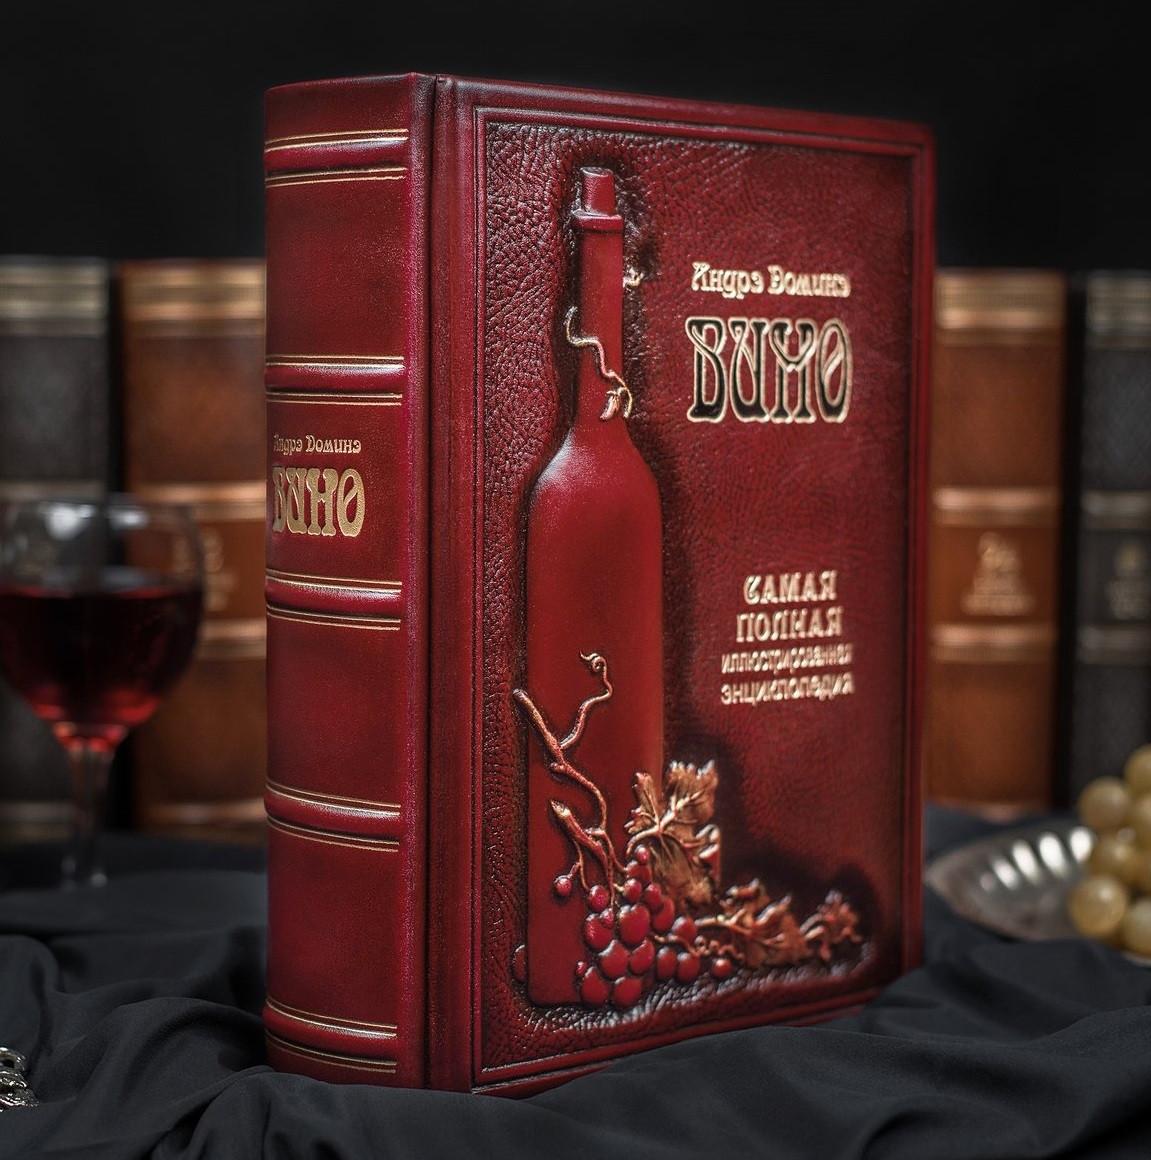 """Книга в кожаном переплете и подарочной коробке """"Вино. Самая полная иллюстрированная энциклопедия"""" Андрэ Доминэ"""